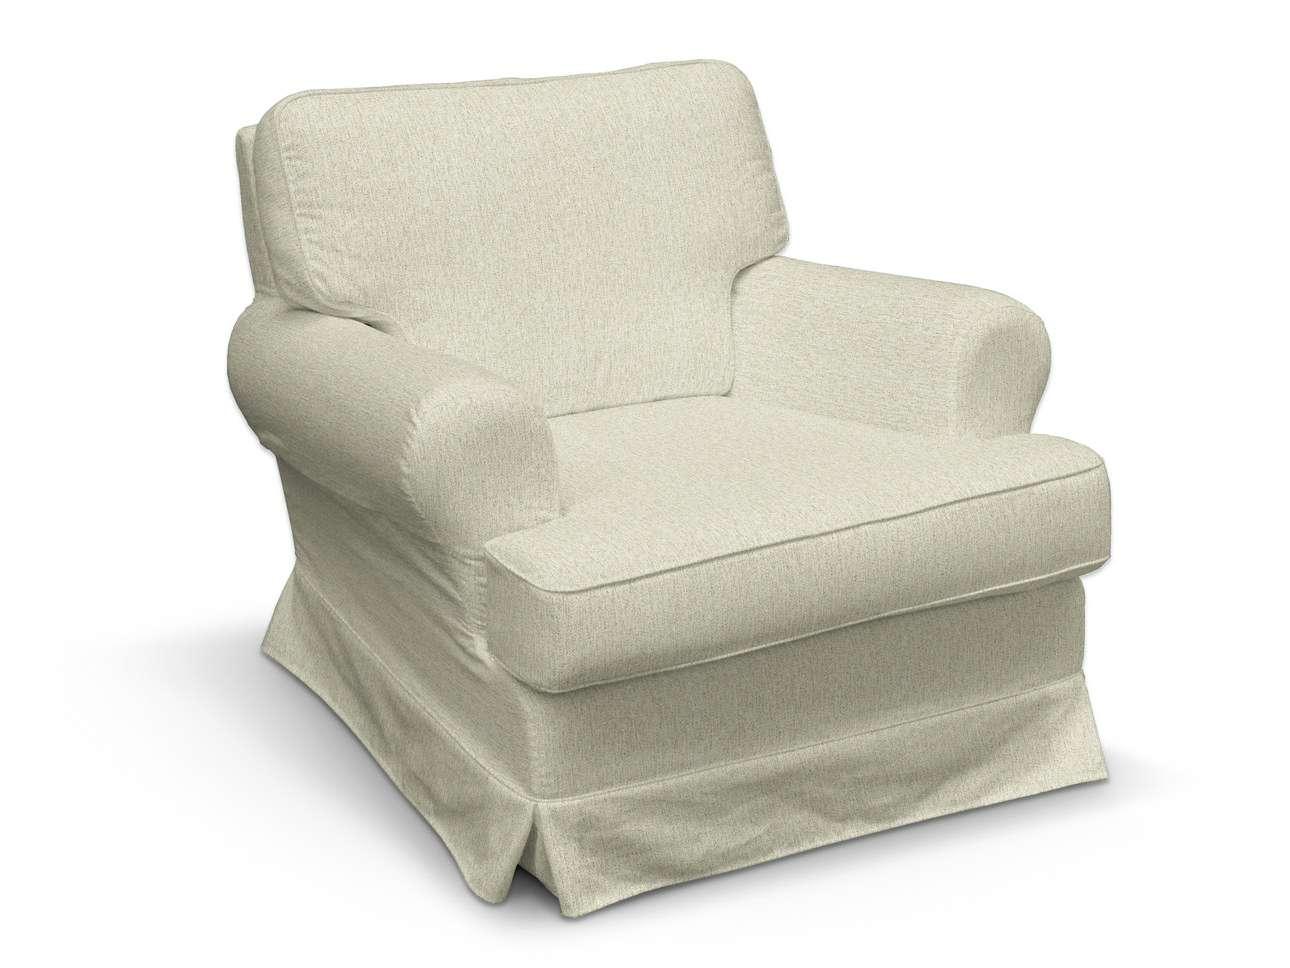 Bezug für Barkaby Sessel von der Kollektion Living, Stoff: 161-62